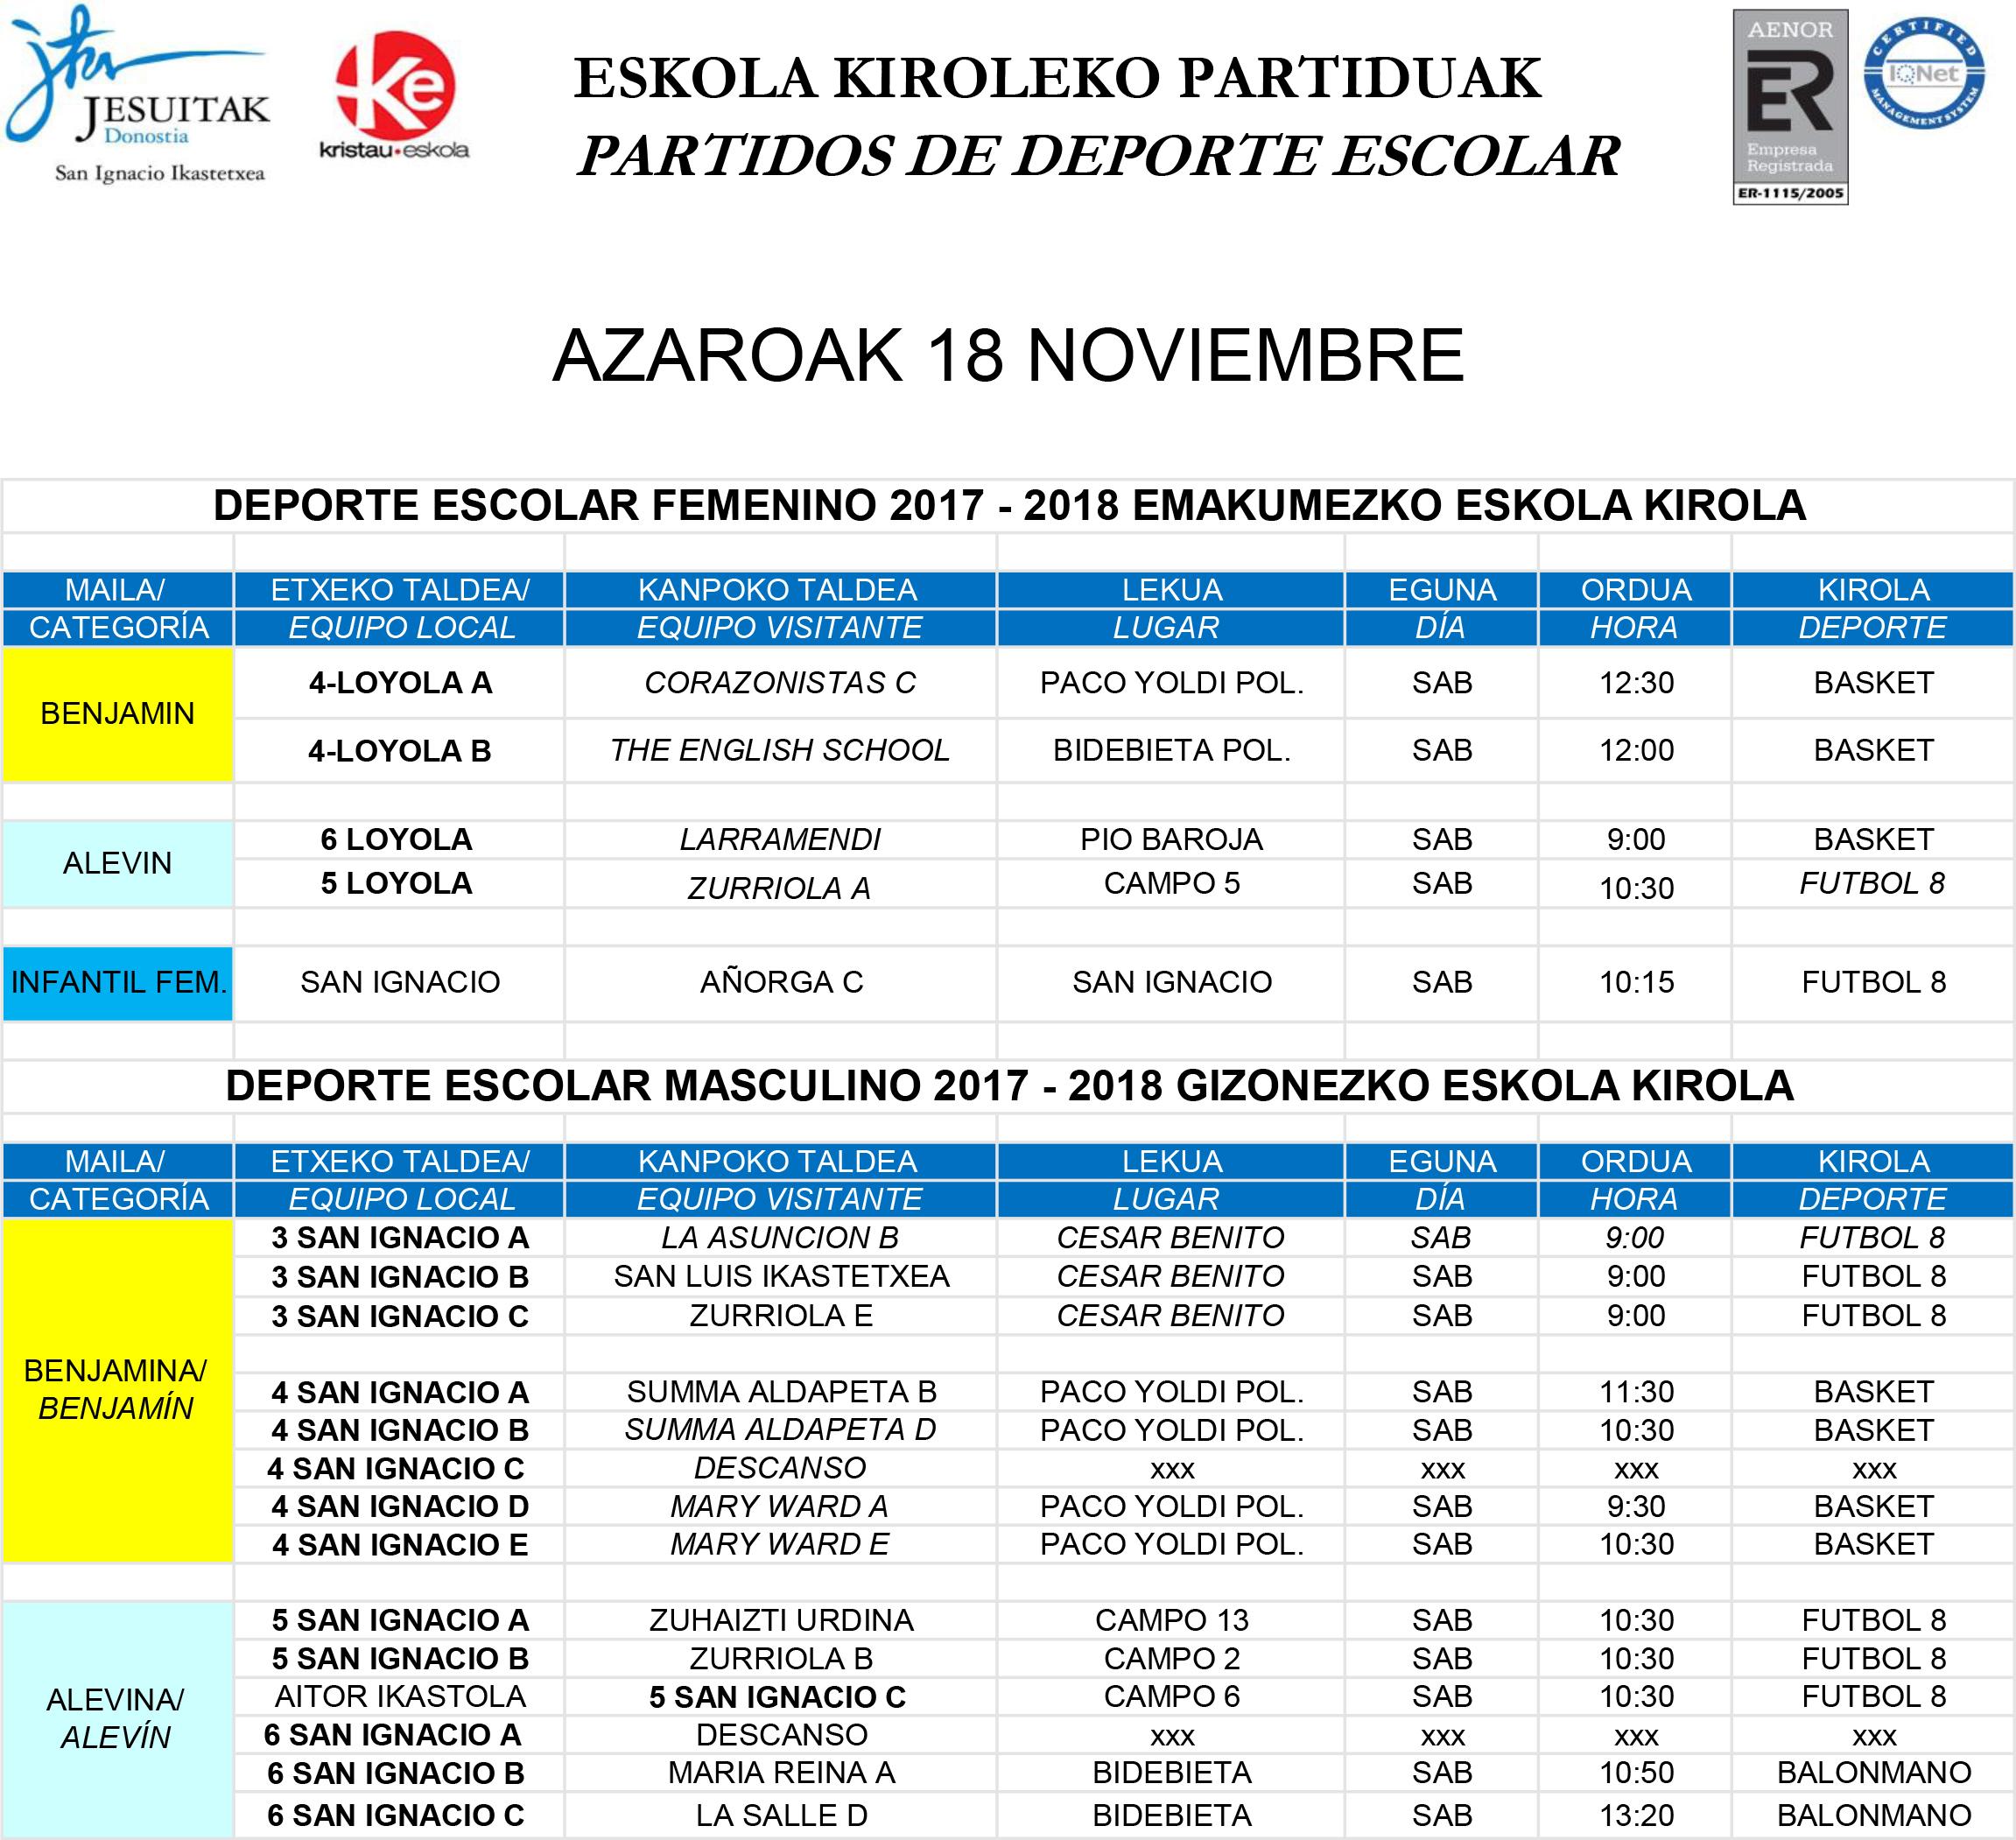 18-11-17_eskola-kirola